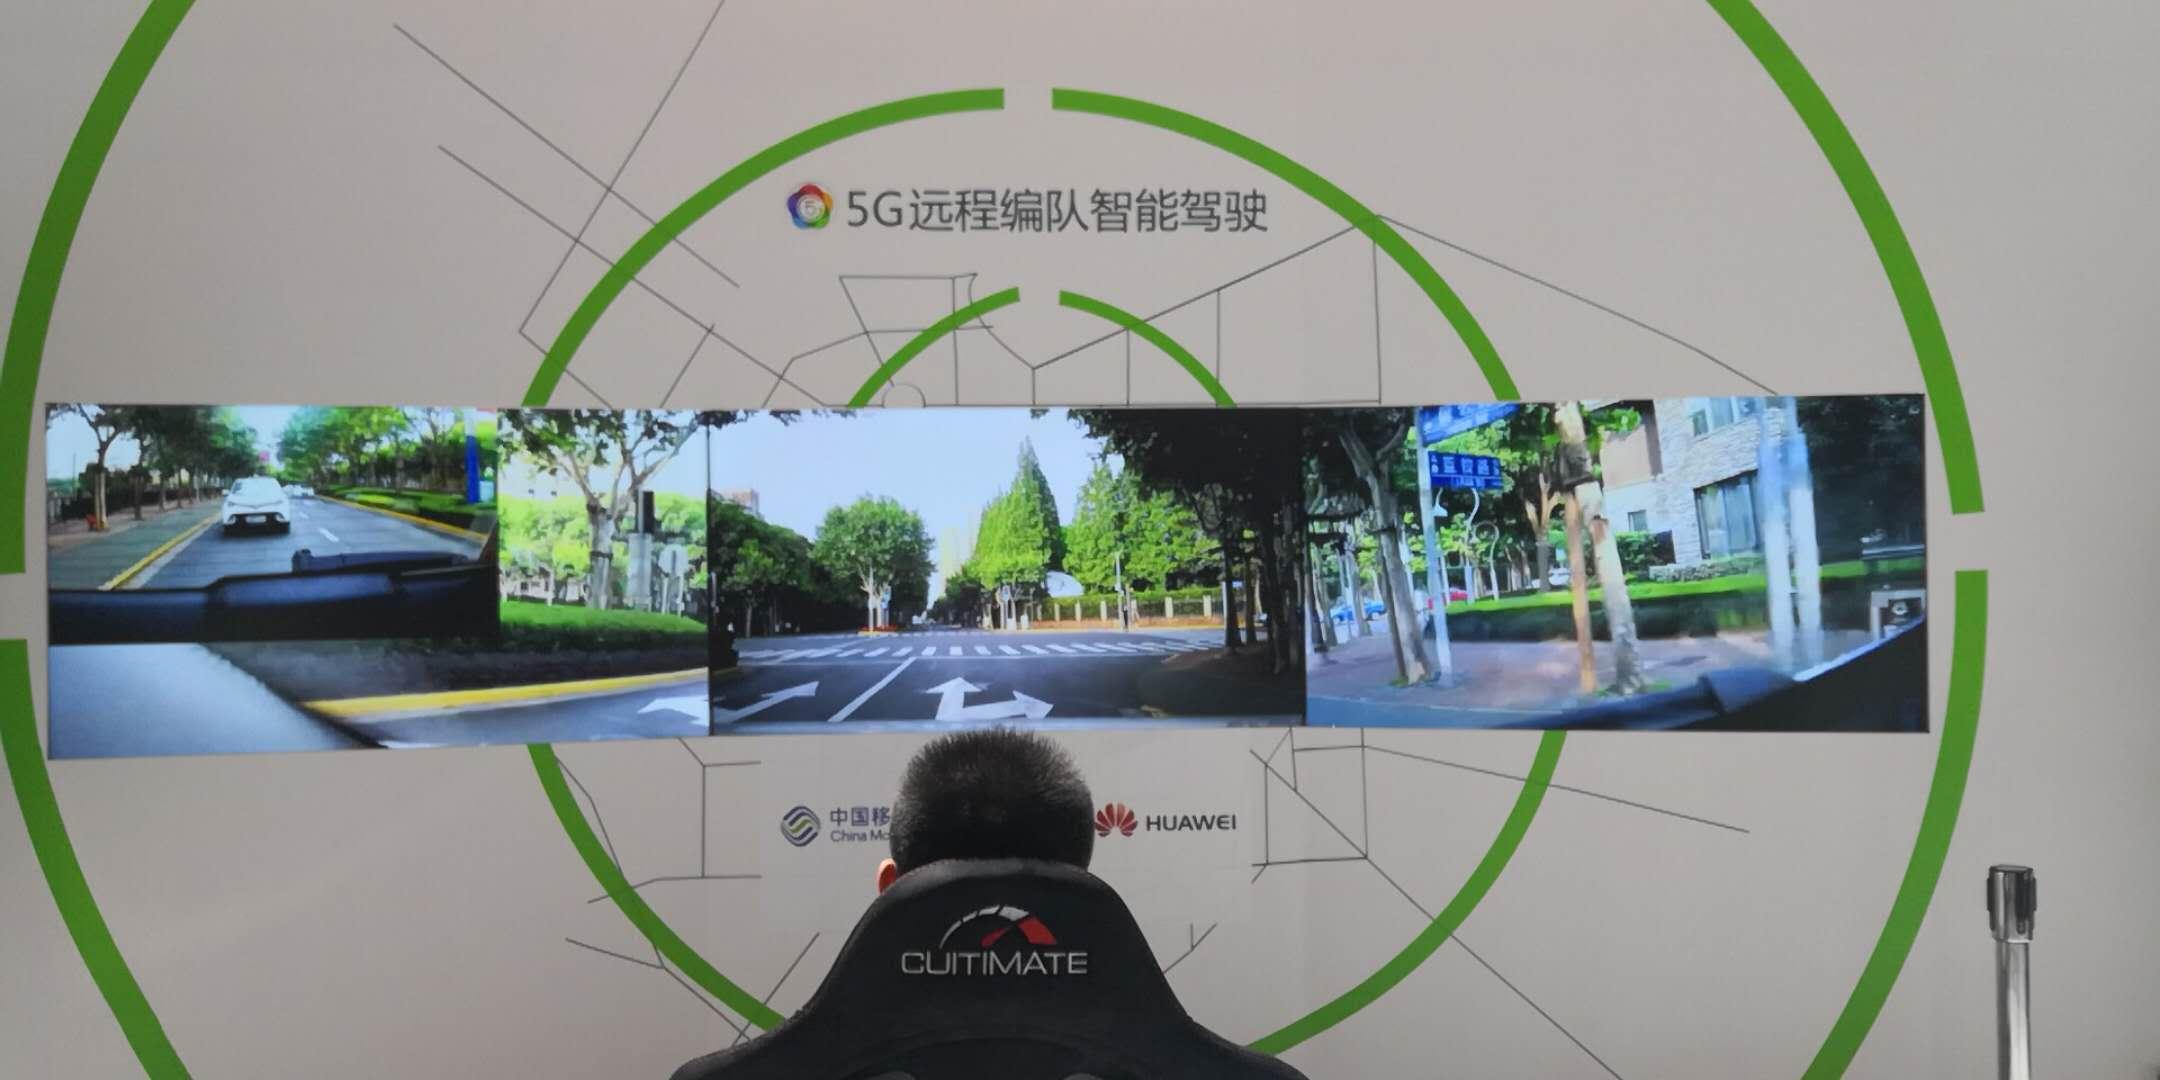 中国移动、上汽集团联合华为亮相上海MWC 加速智能网联汽车产业发展